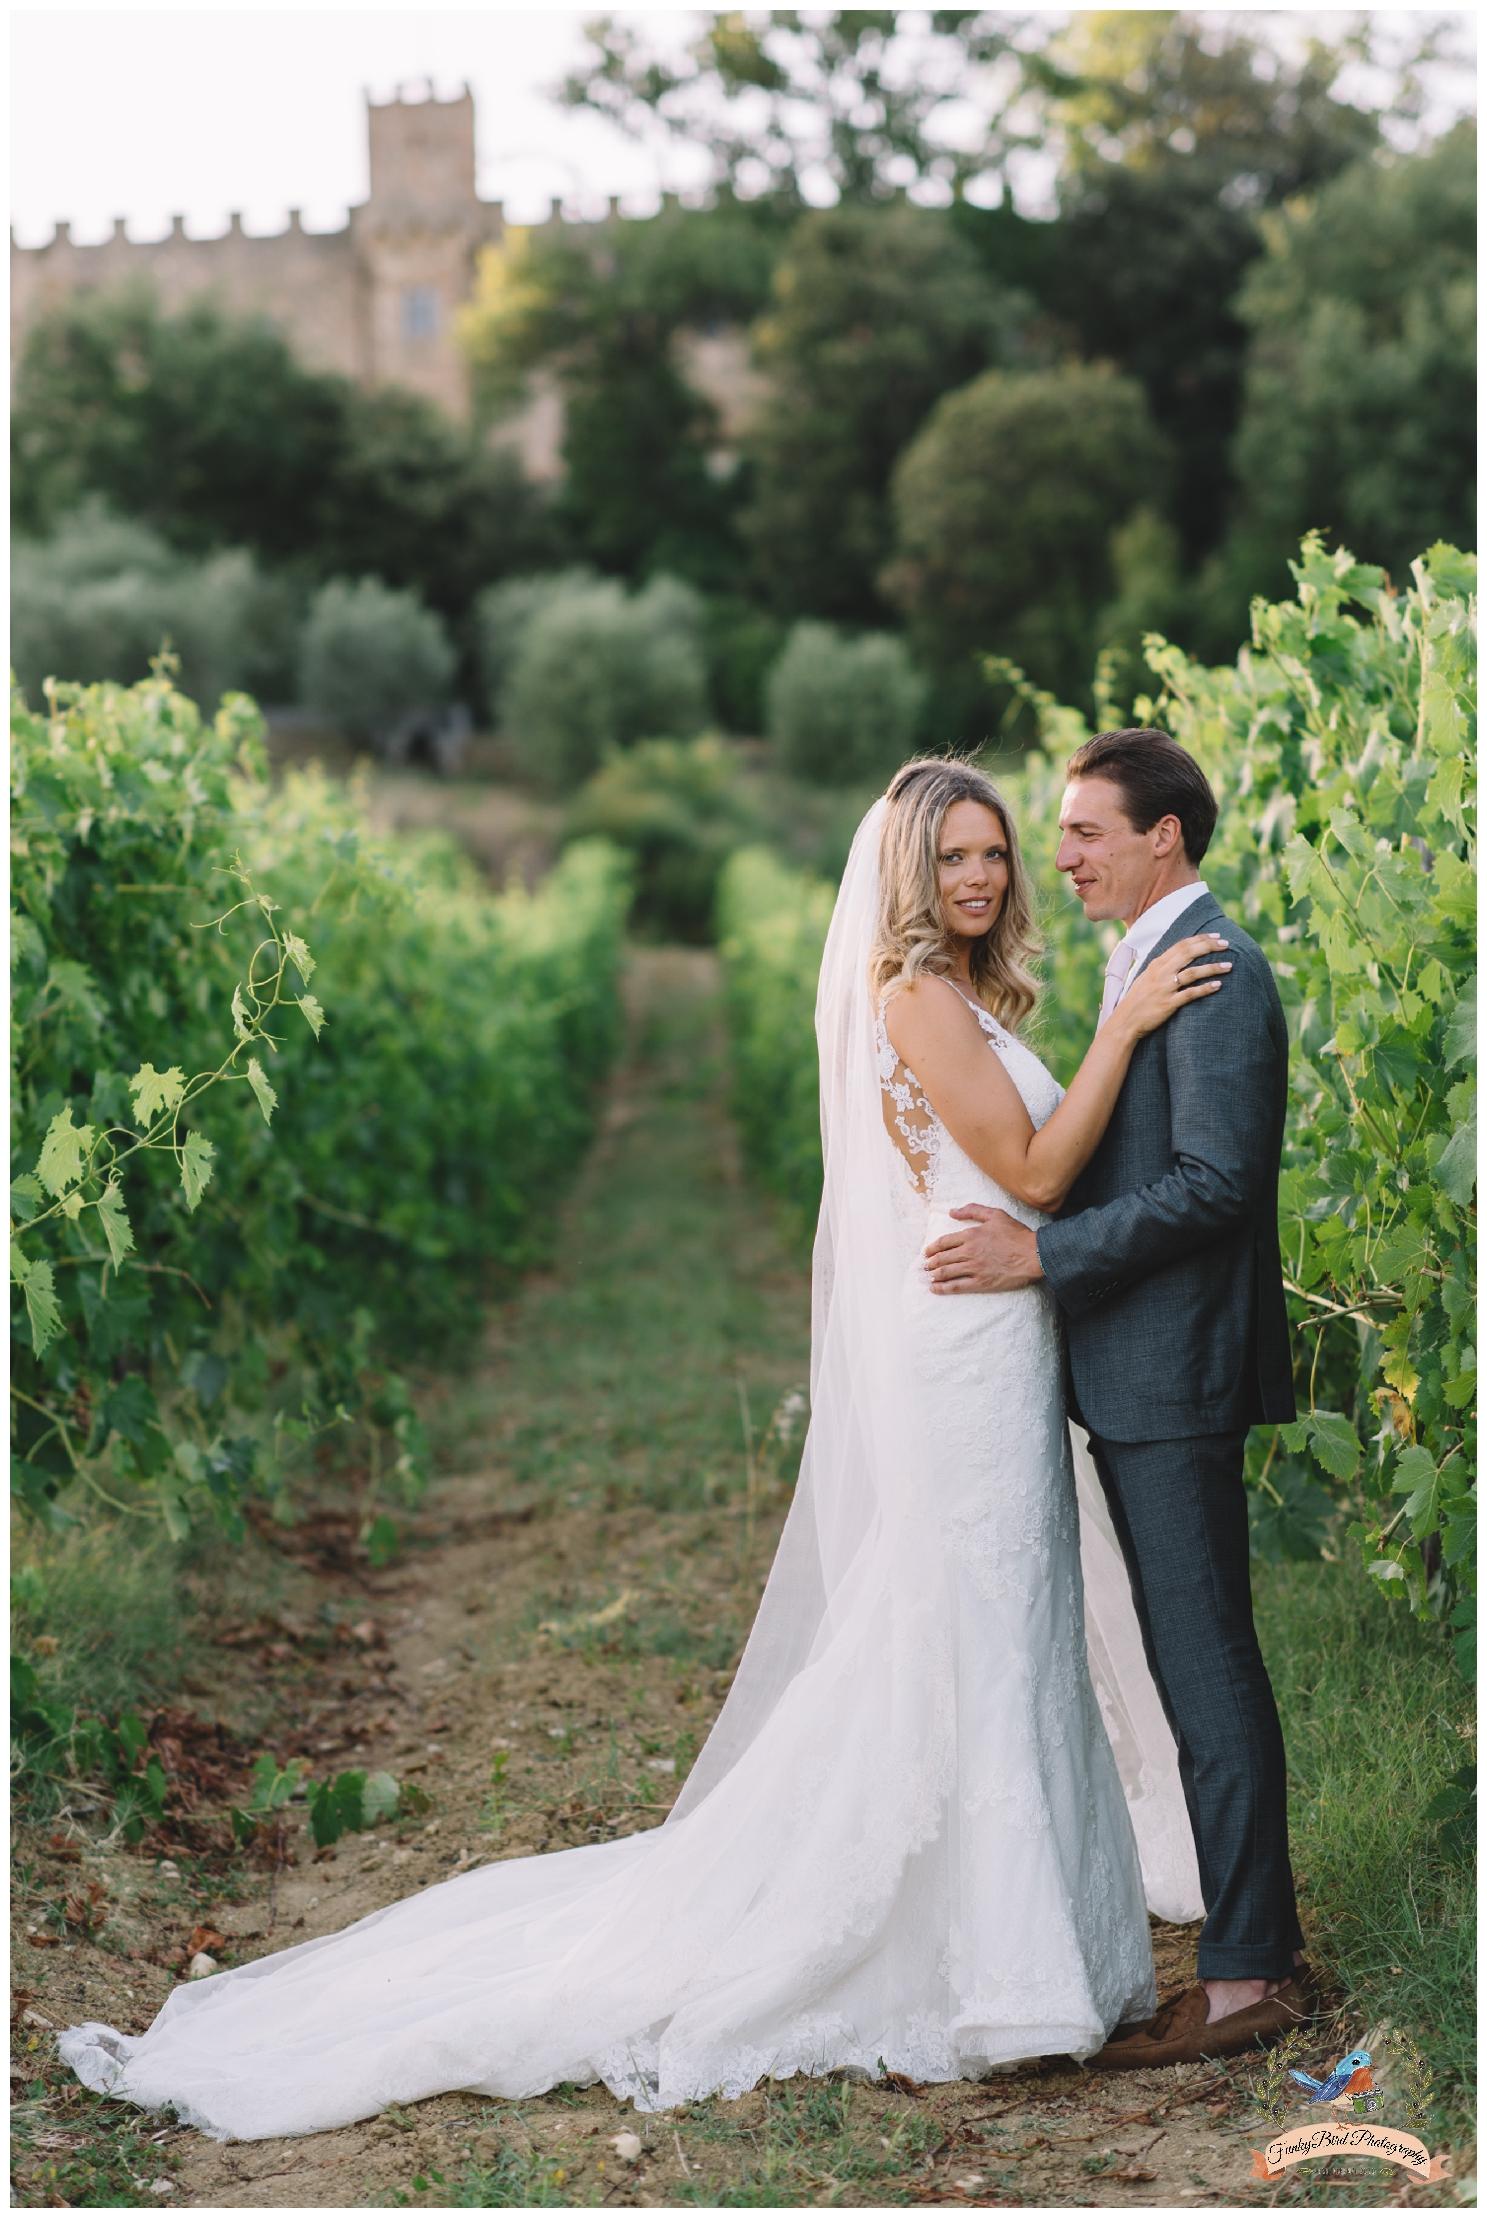 Wedding_Photographer_Tuscany_Florence_Italy_47.jpg